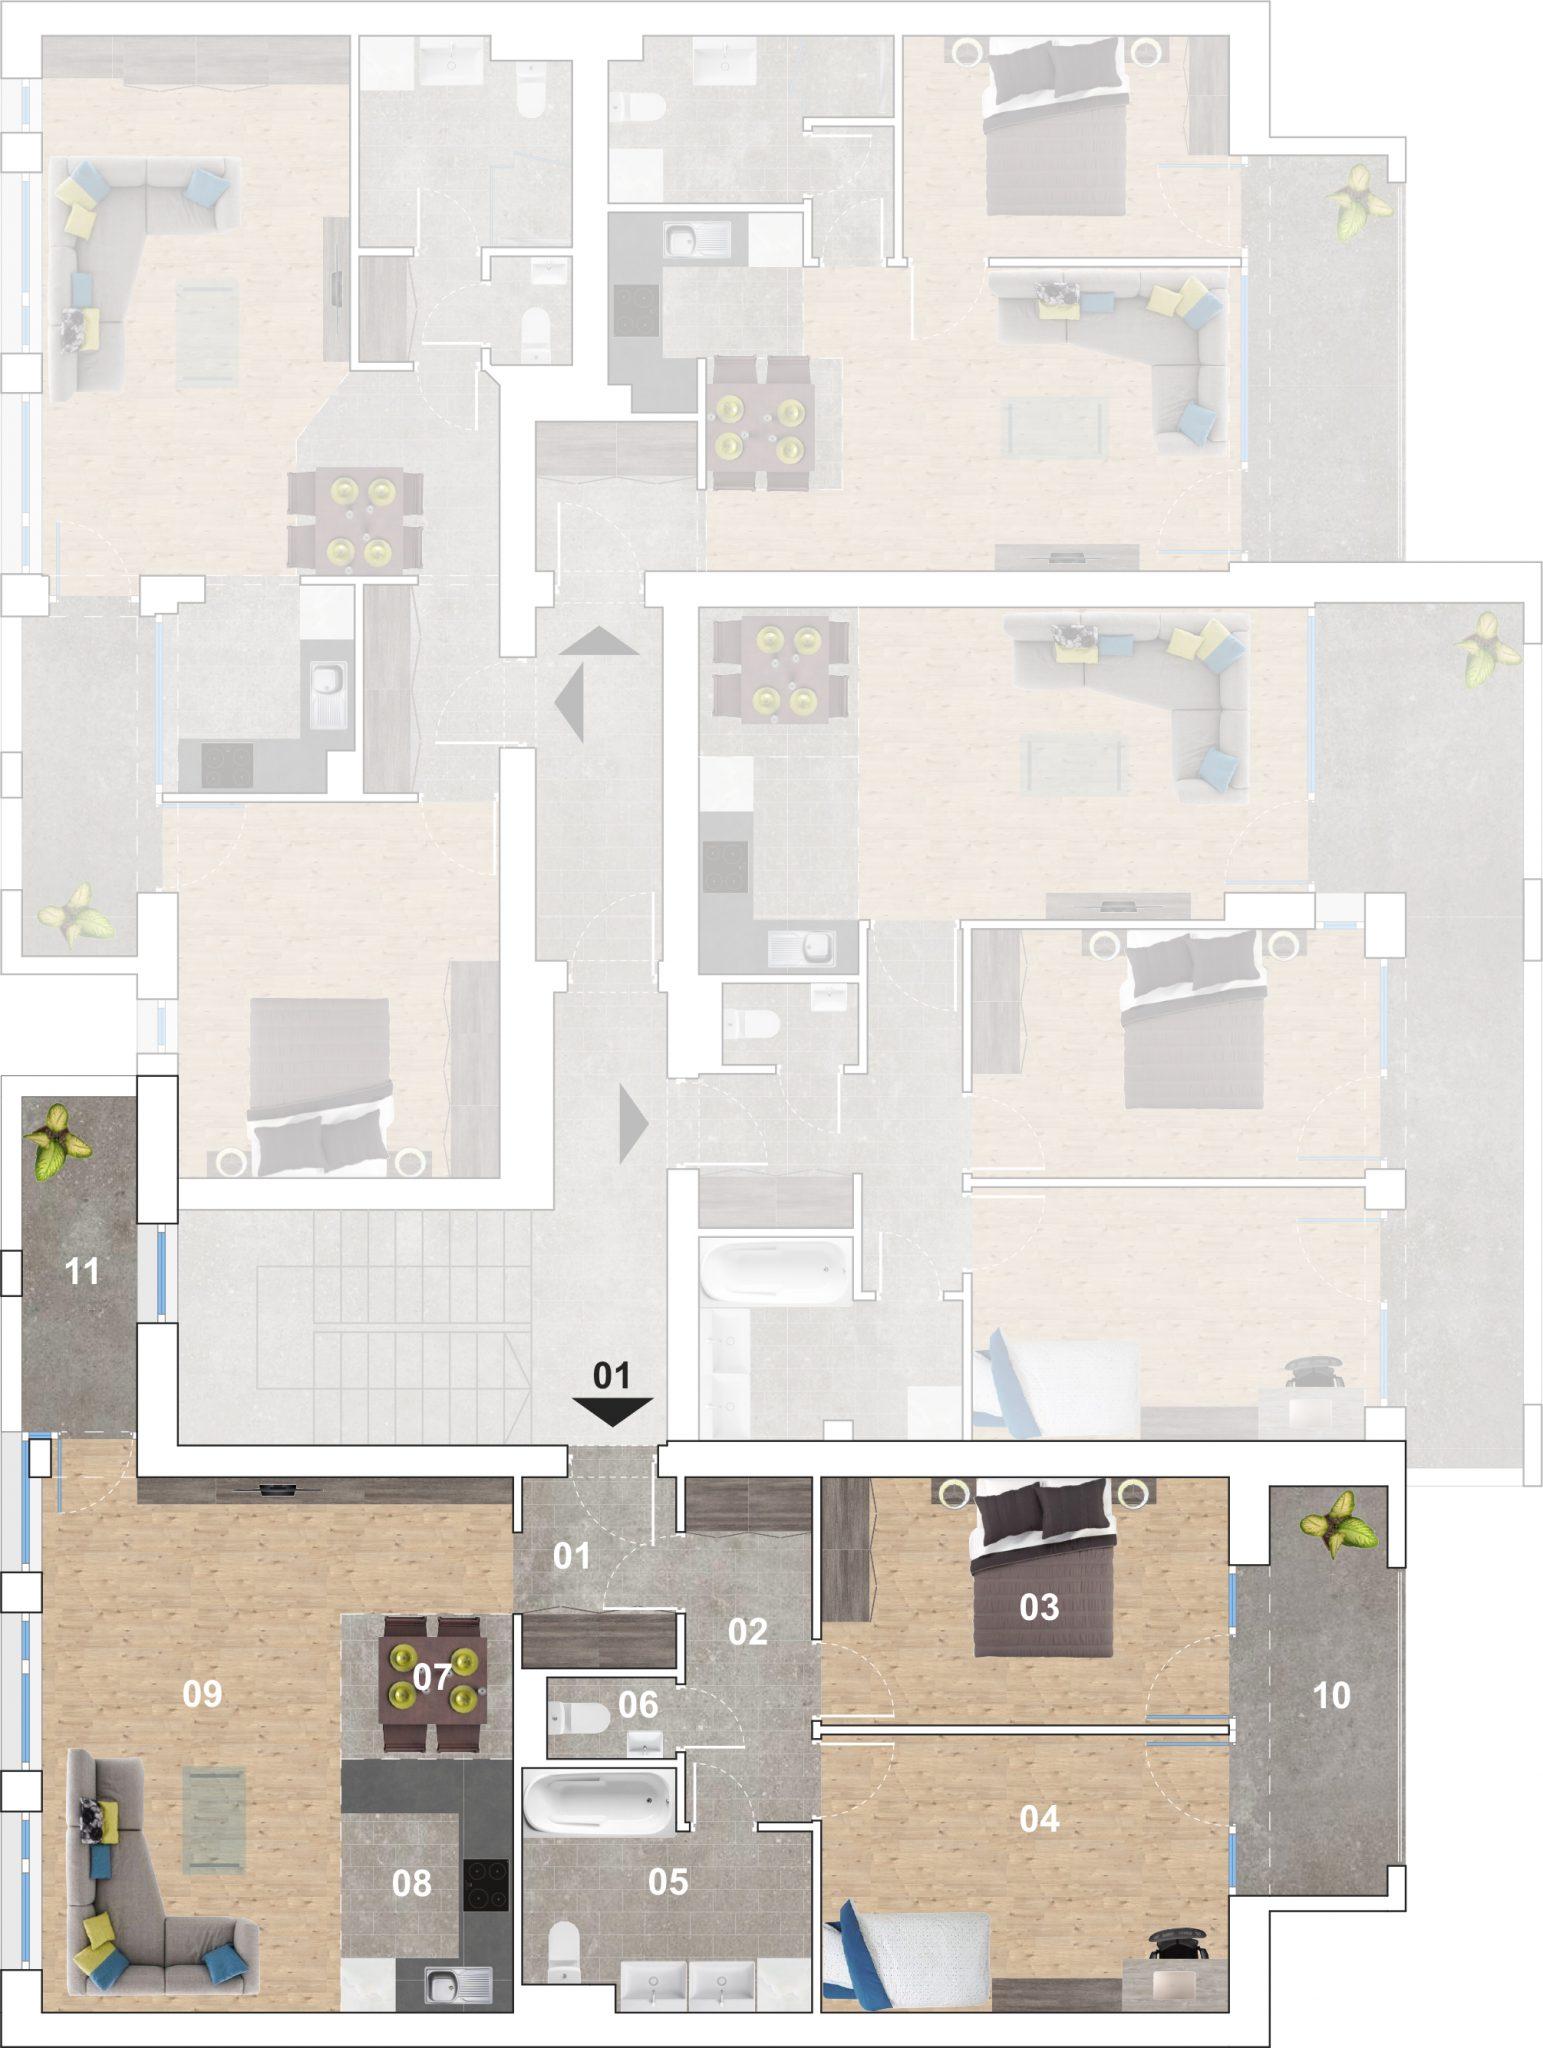 01 lakás alaprajz